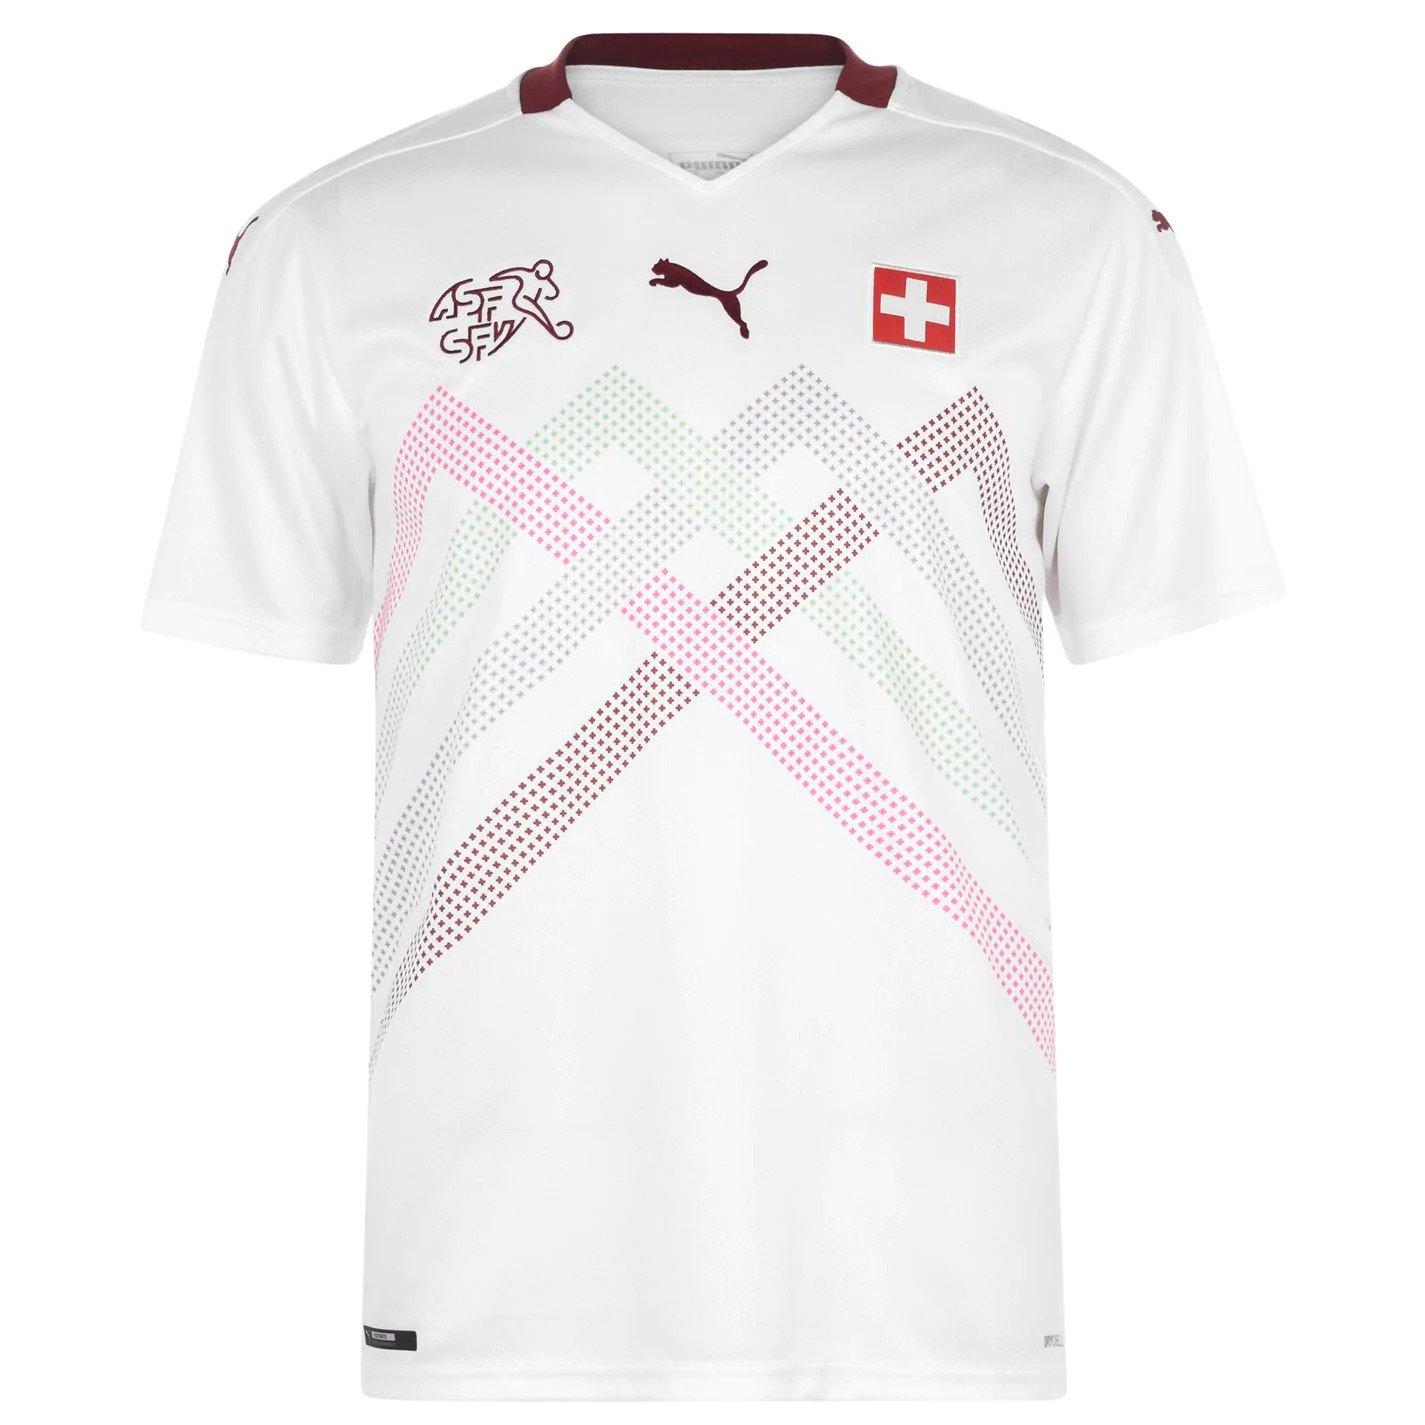 חולצת אוהד שוויץ חוץ יורו 2020